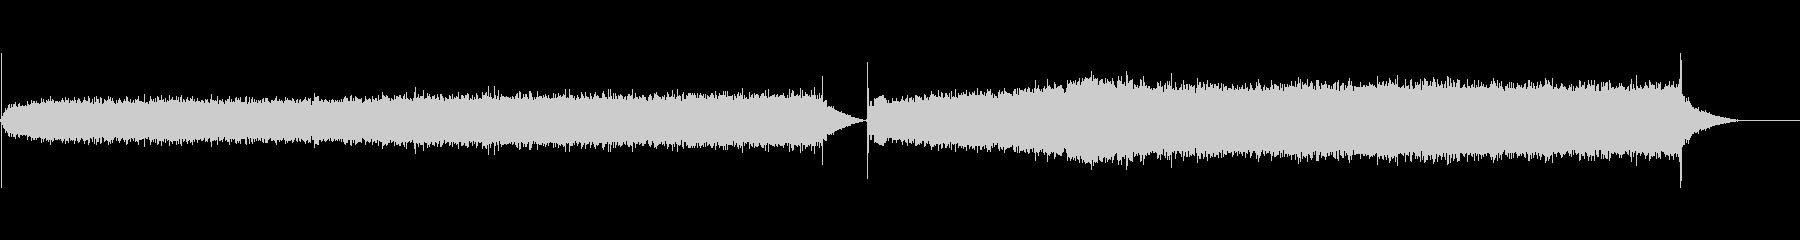 マイクロ波音信号の未再生の波形